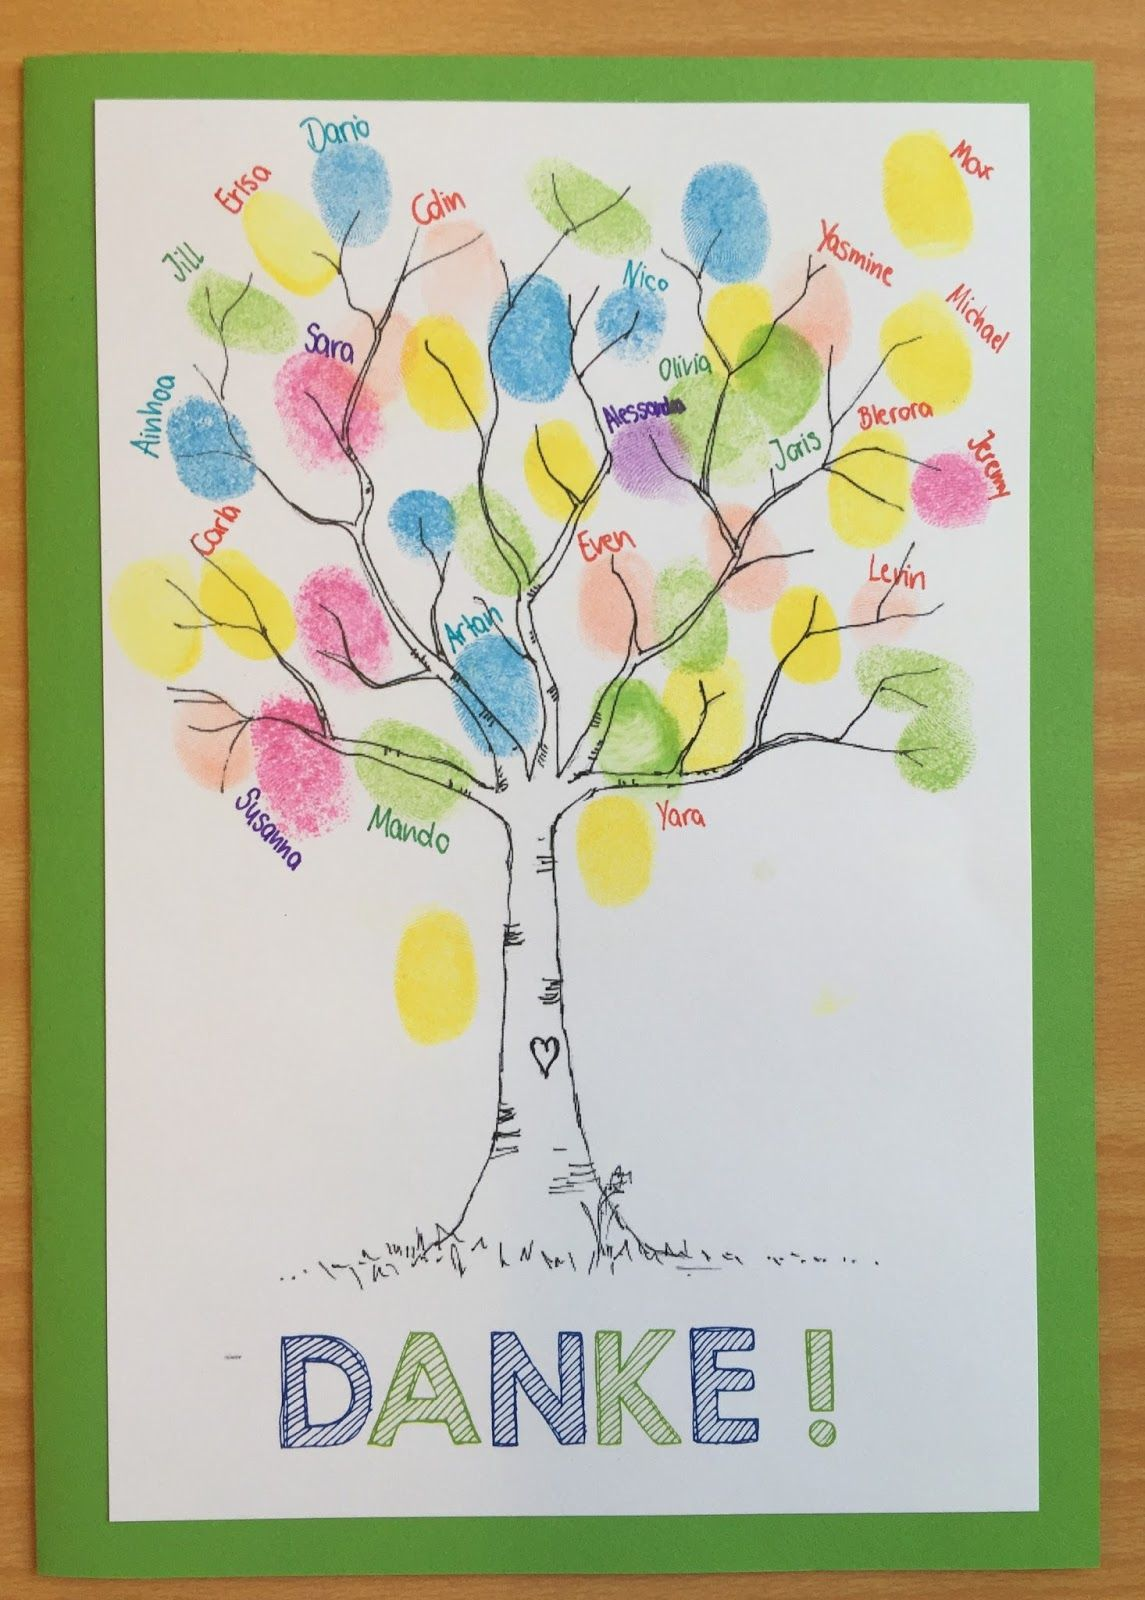 Klassenkunst dankeskarte basteln klassenzimmer - Abschiedsgeschenk ideen ...